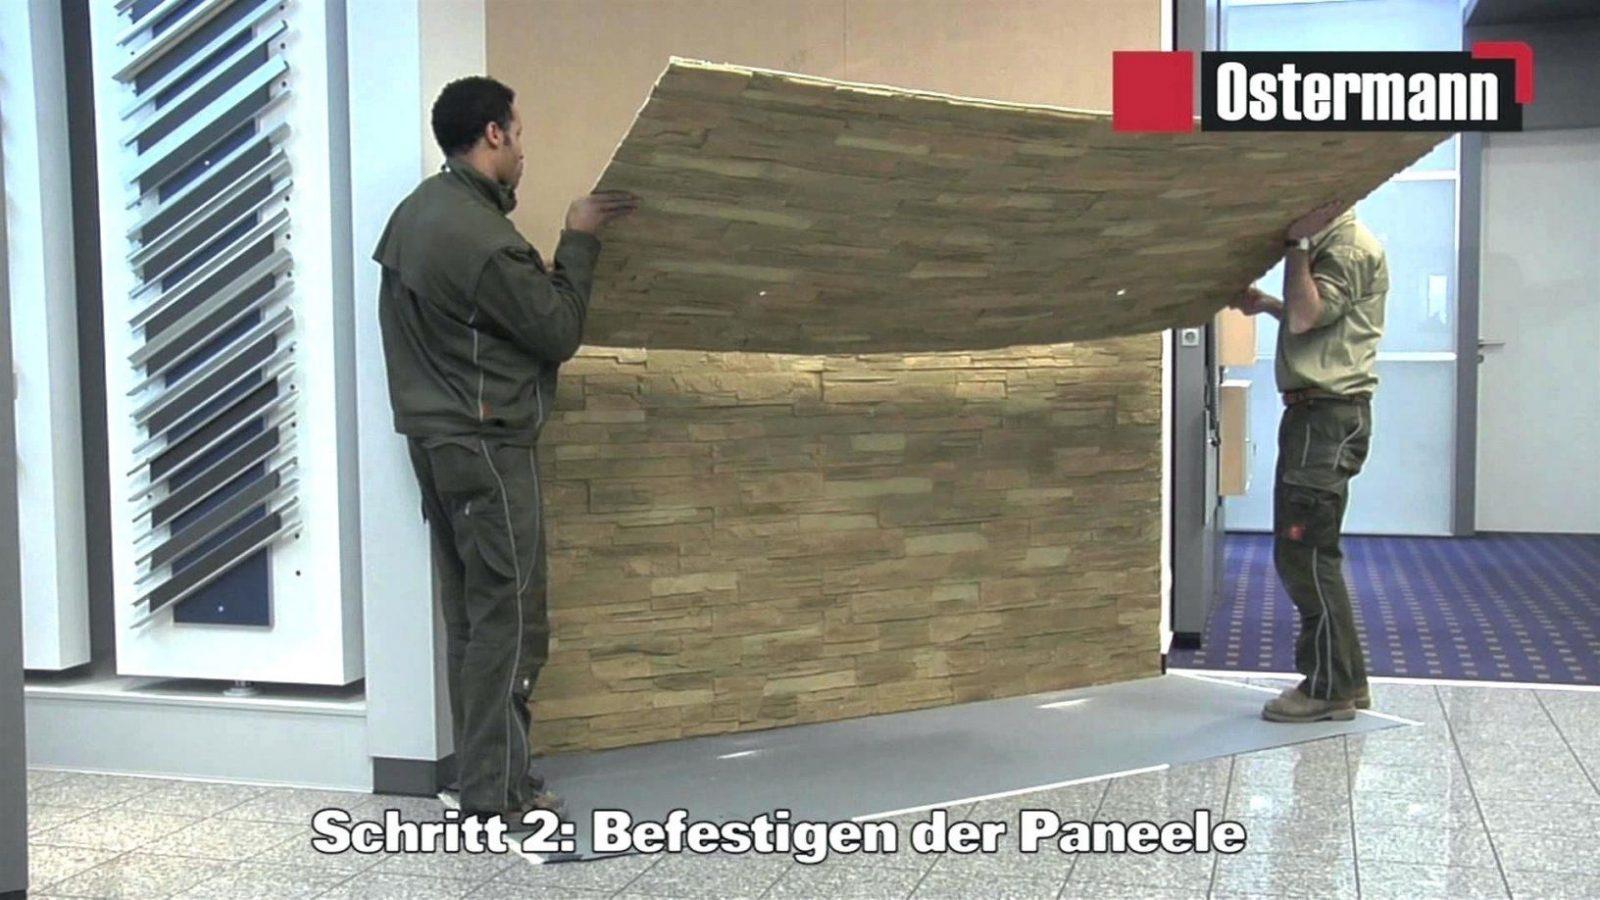 Luxury Verblender Steinoptik Kunststoff Mit Wandverkleidung Full Von  Wandverkleidung Steinoptik Kunststoff Aussen Bild